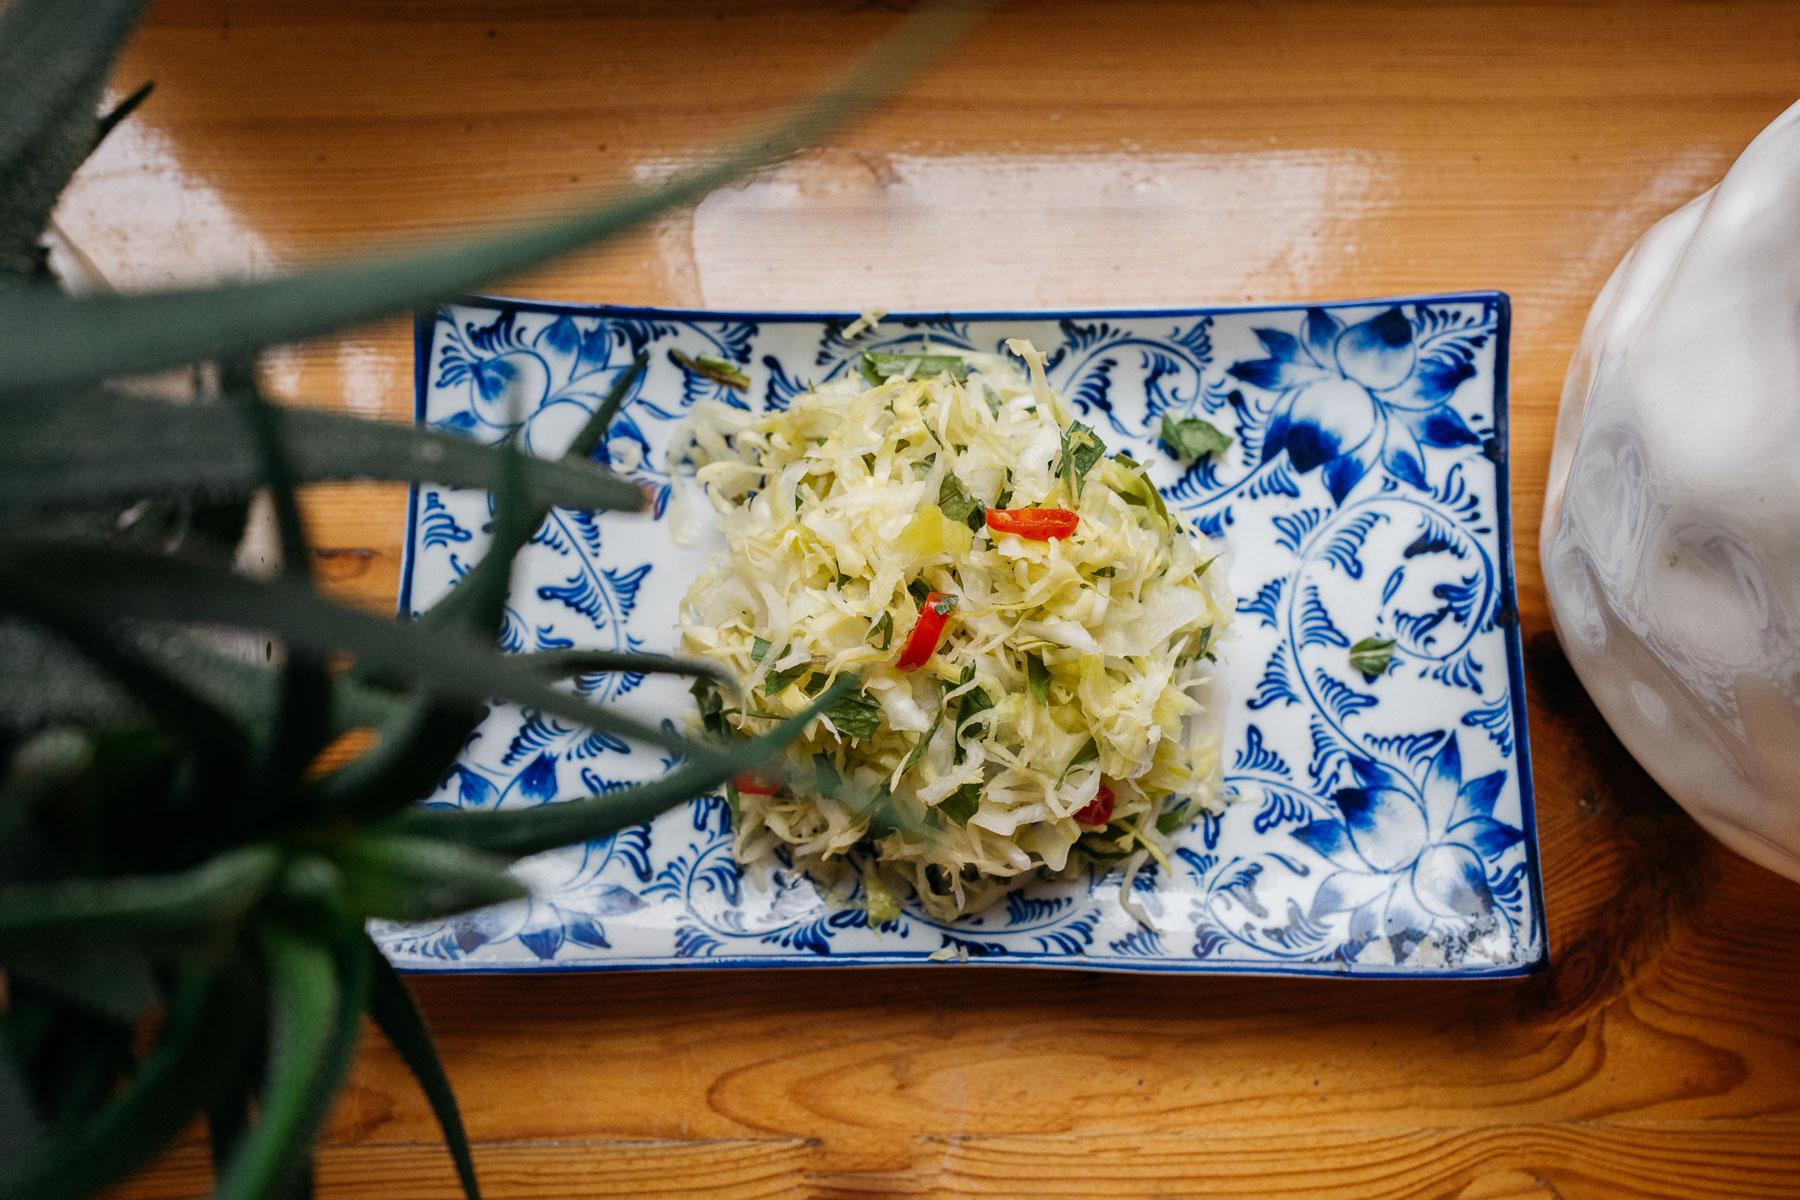 kiszona kapusta z kolendrą wietnamską (muối dưa bắp cải rau răm)